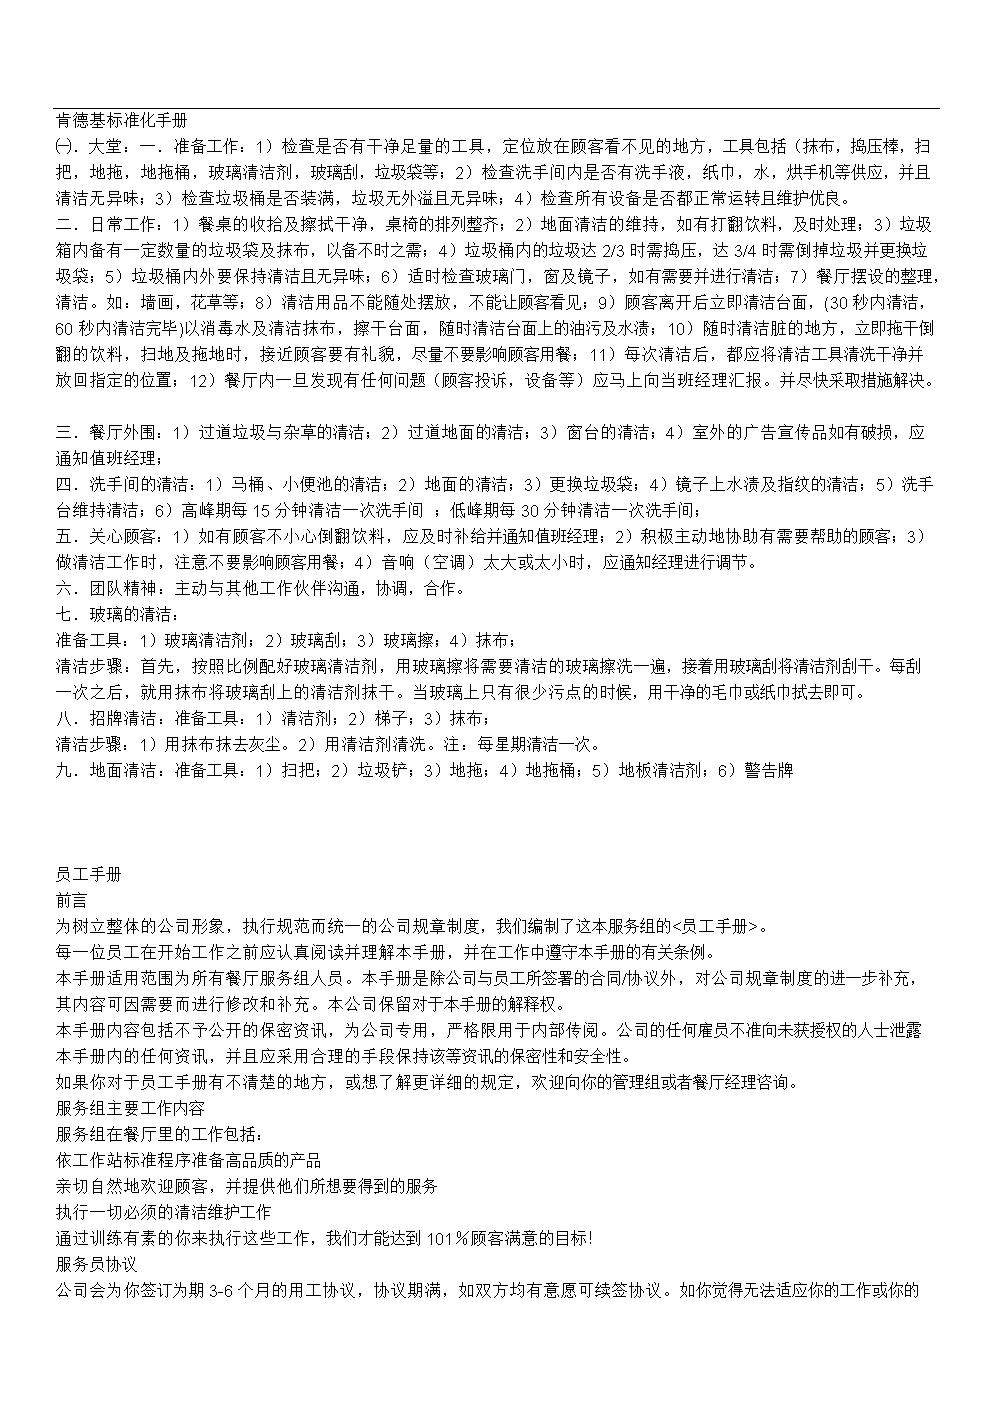 肯德基-标准化手册.doc